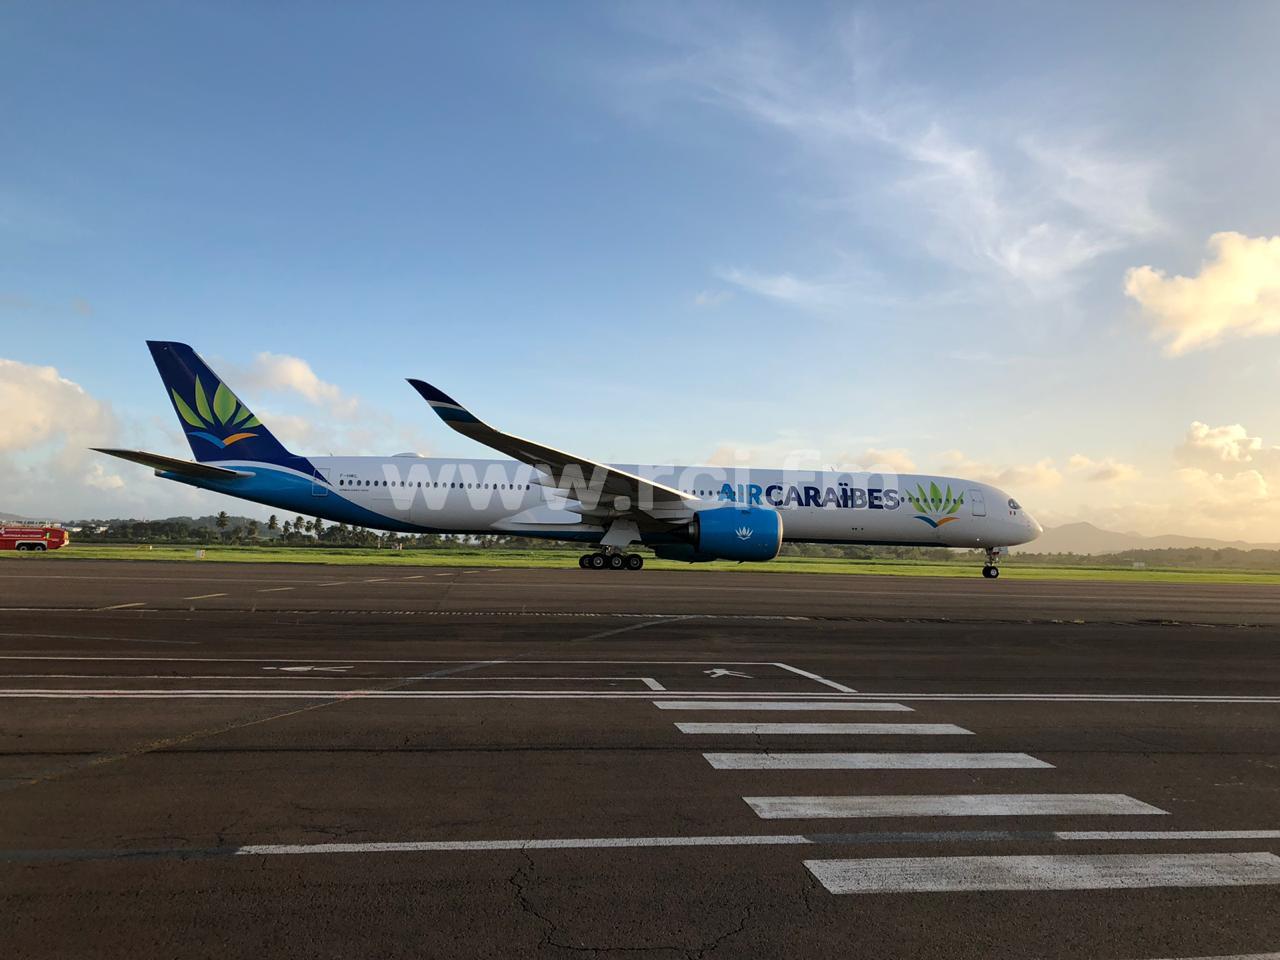 Le plan d'économie d'Air Caraïbes pour éviter la faillite